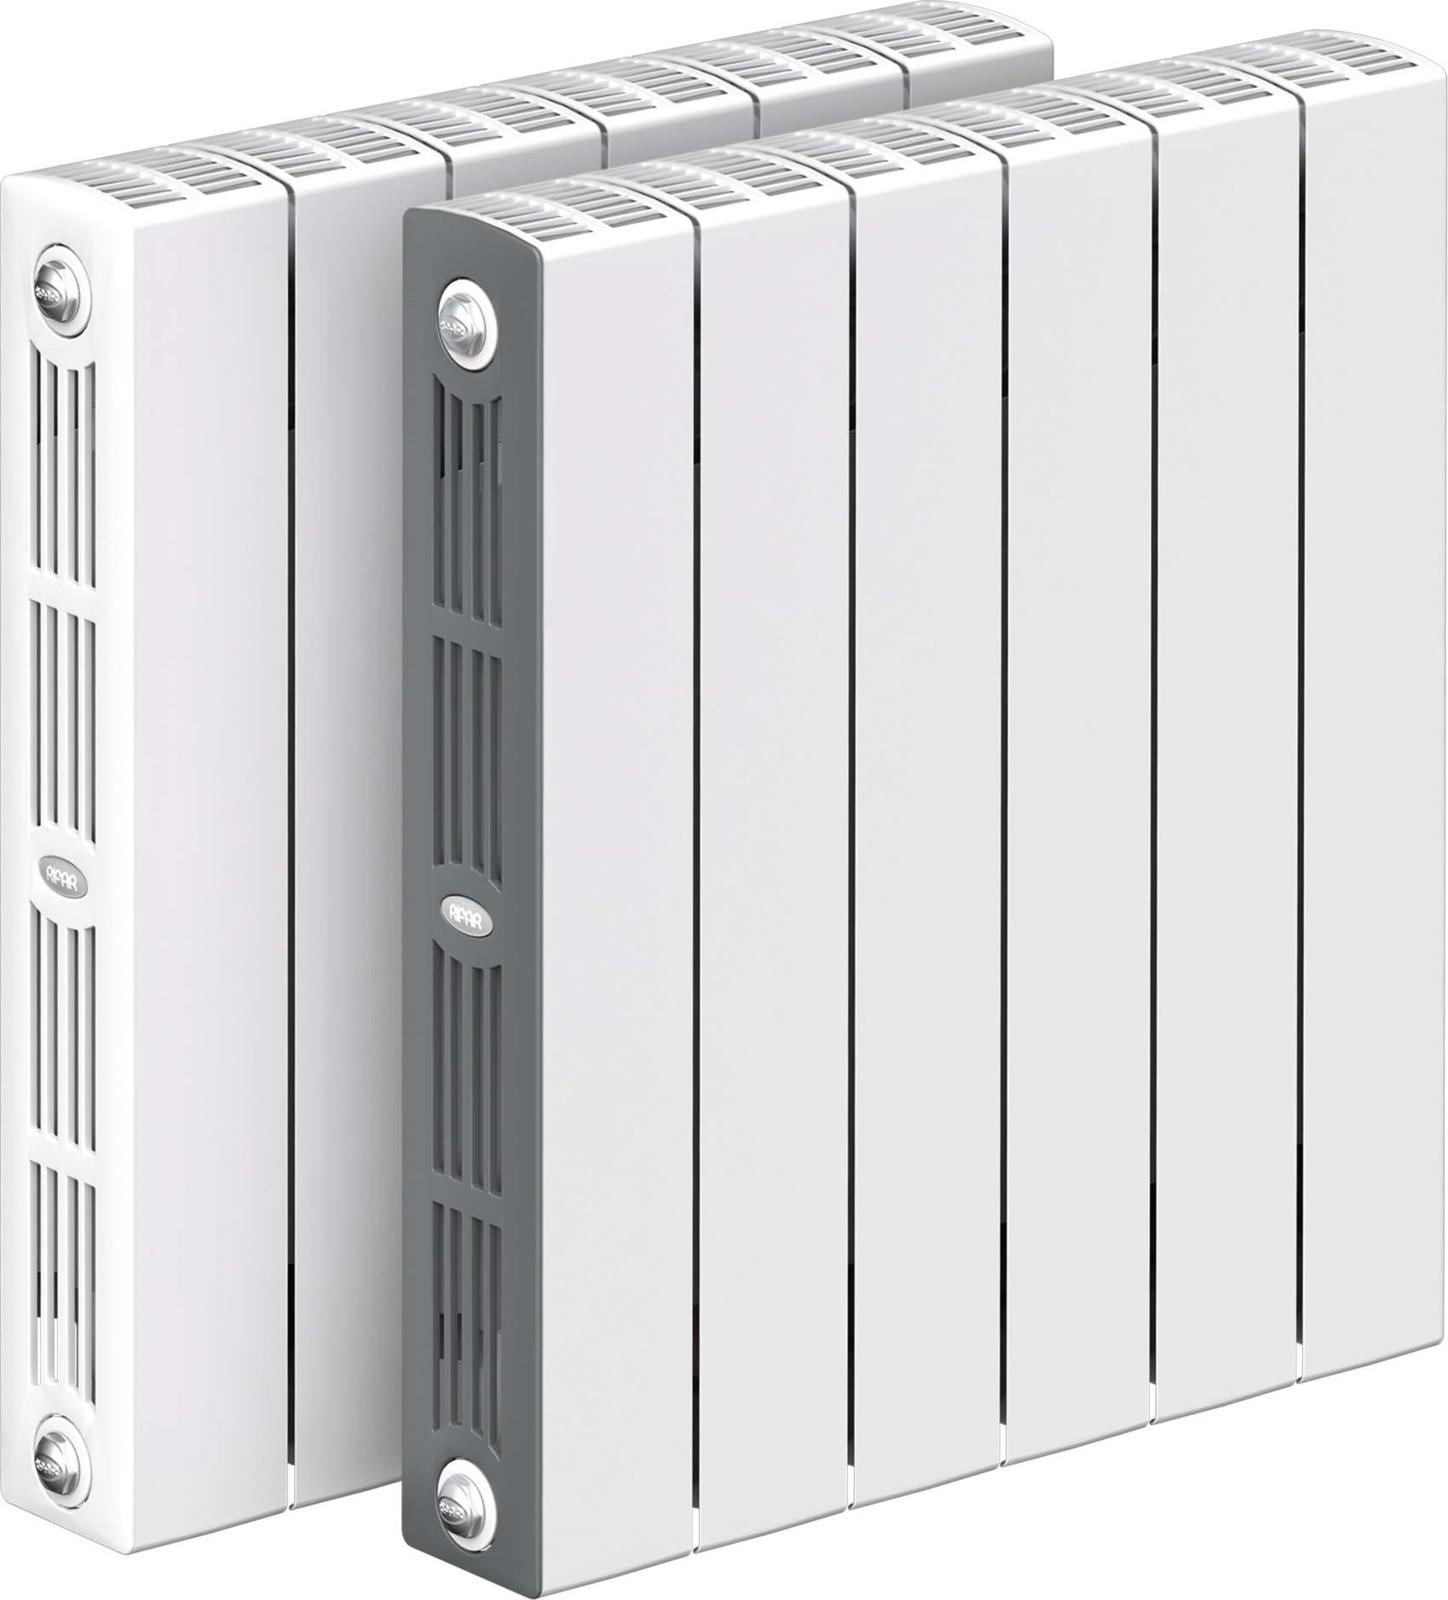 Секционный радиатор Rifar Supremo 500, биметаллический, RIFAR S 500-9, белый, 9 секций kermi profil k profil k fk o 12 400 400 радиатор стальной панельный боковое подключение белый ral 9016